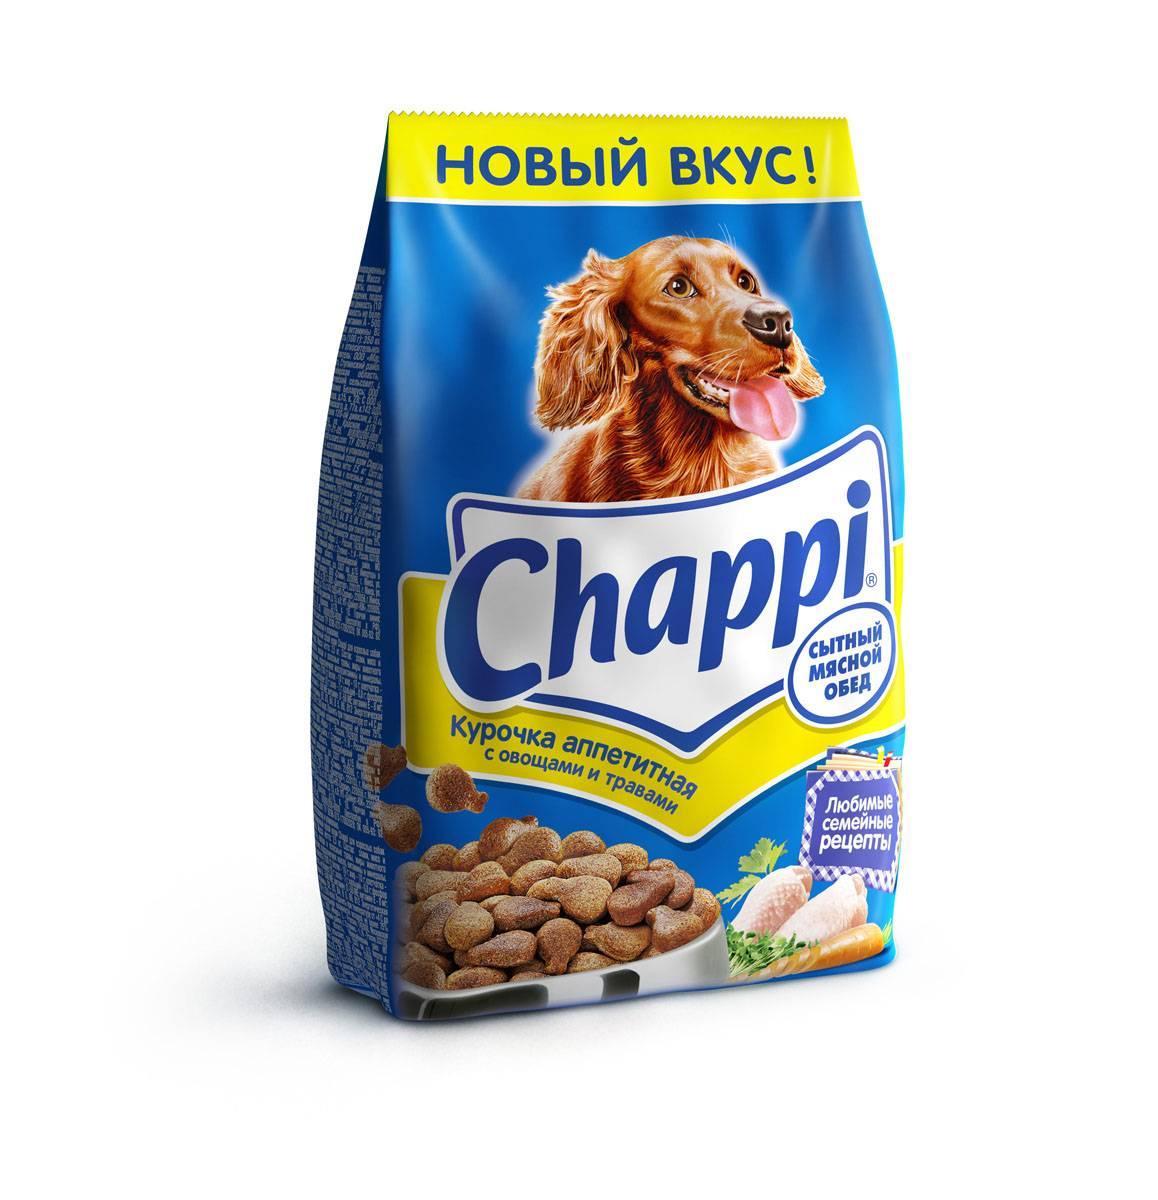 Корм chappi («чаппи») для собак: описание и обзор линейки, производитель, состав, плюсы и минусы